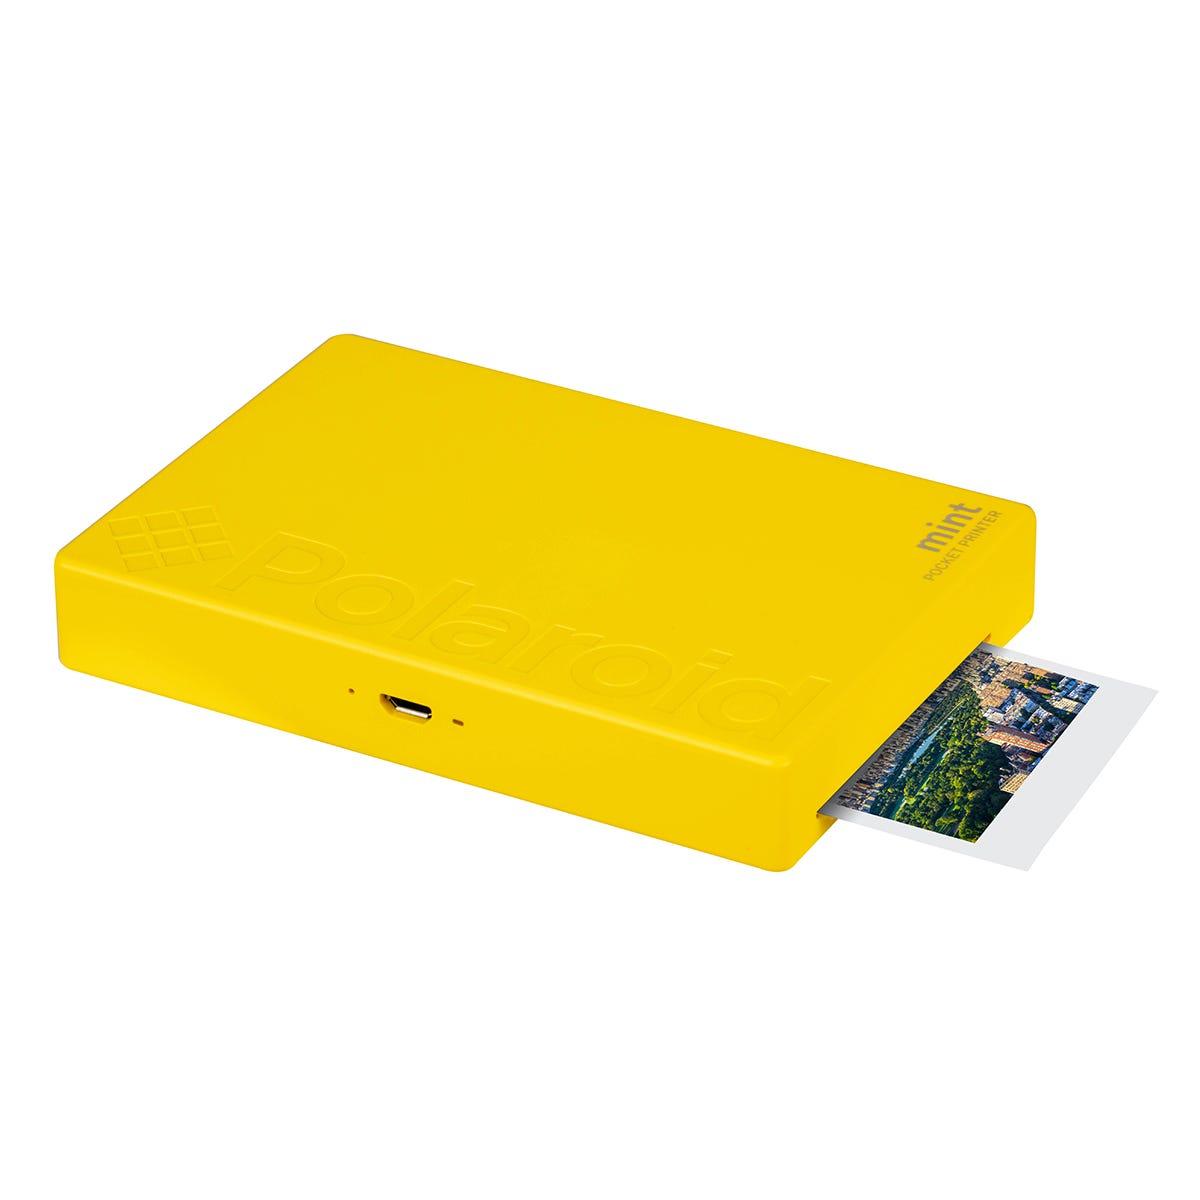 Polaroid Mint Instant Printer - Yellow